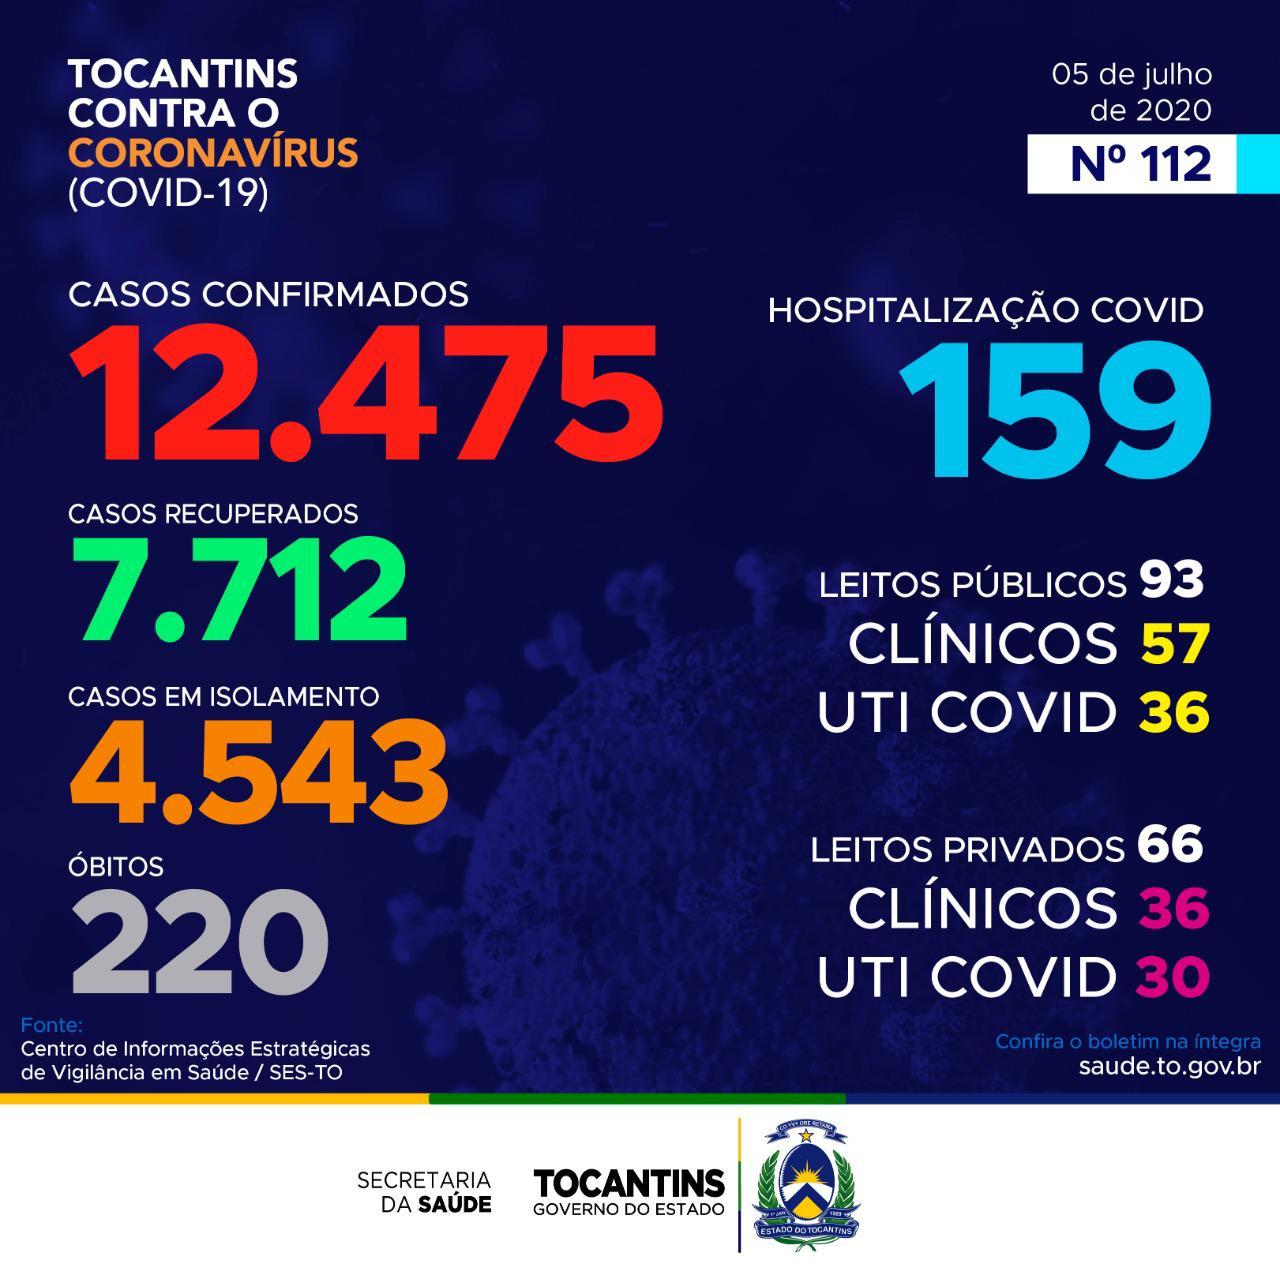 Tocantins registra total de 7.712 recuperados da Covid-19 e 4.543 casos ativos; confira boletim